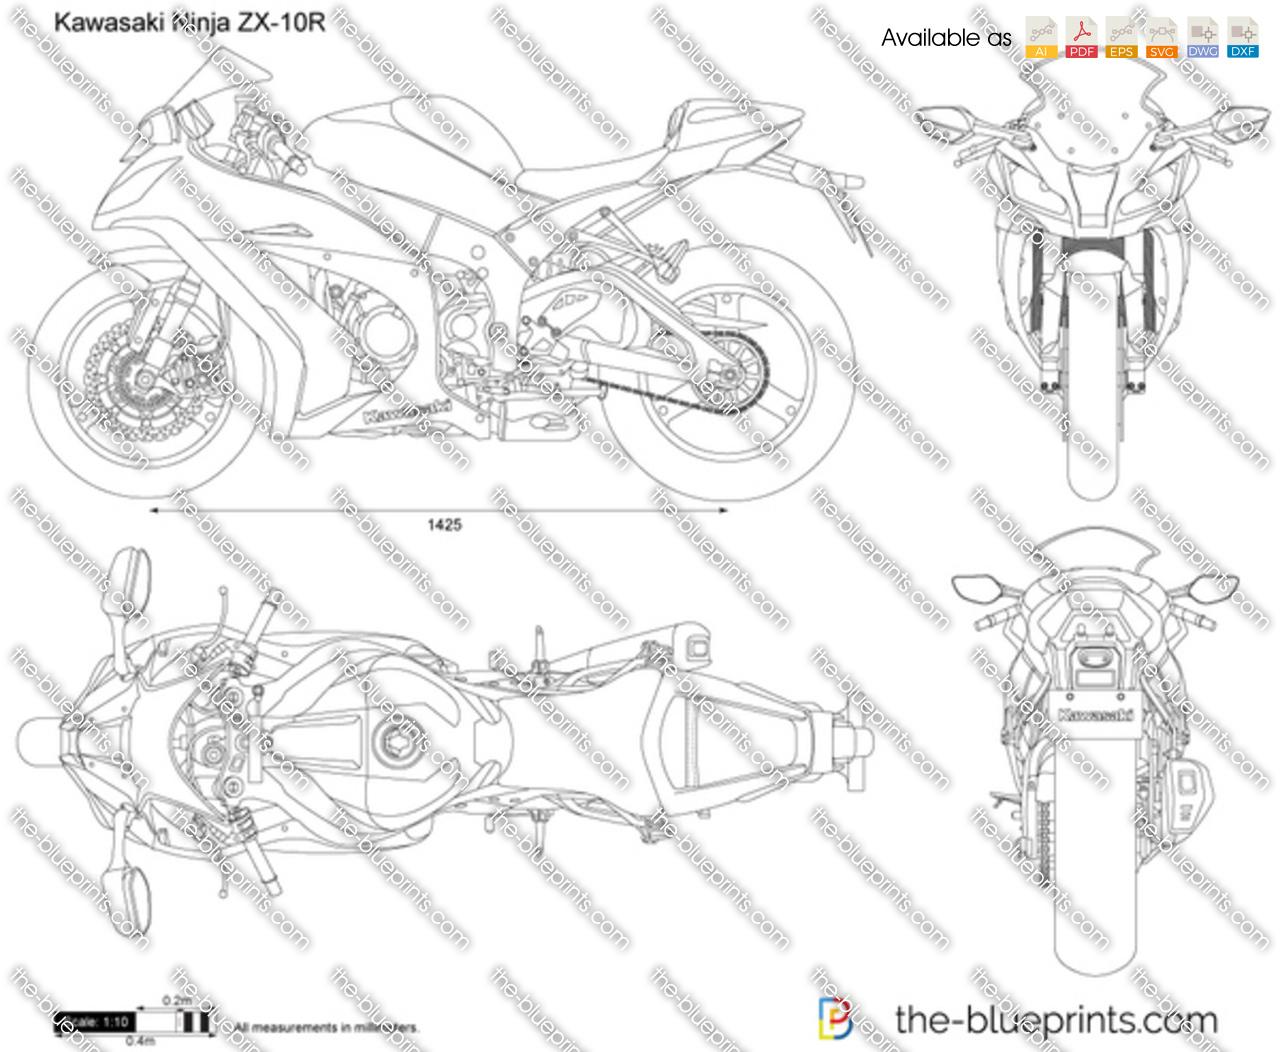 Kawasaki Ninja ZX-10R vector drawing